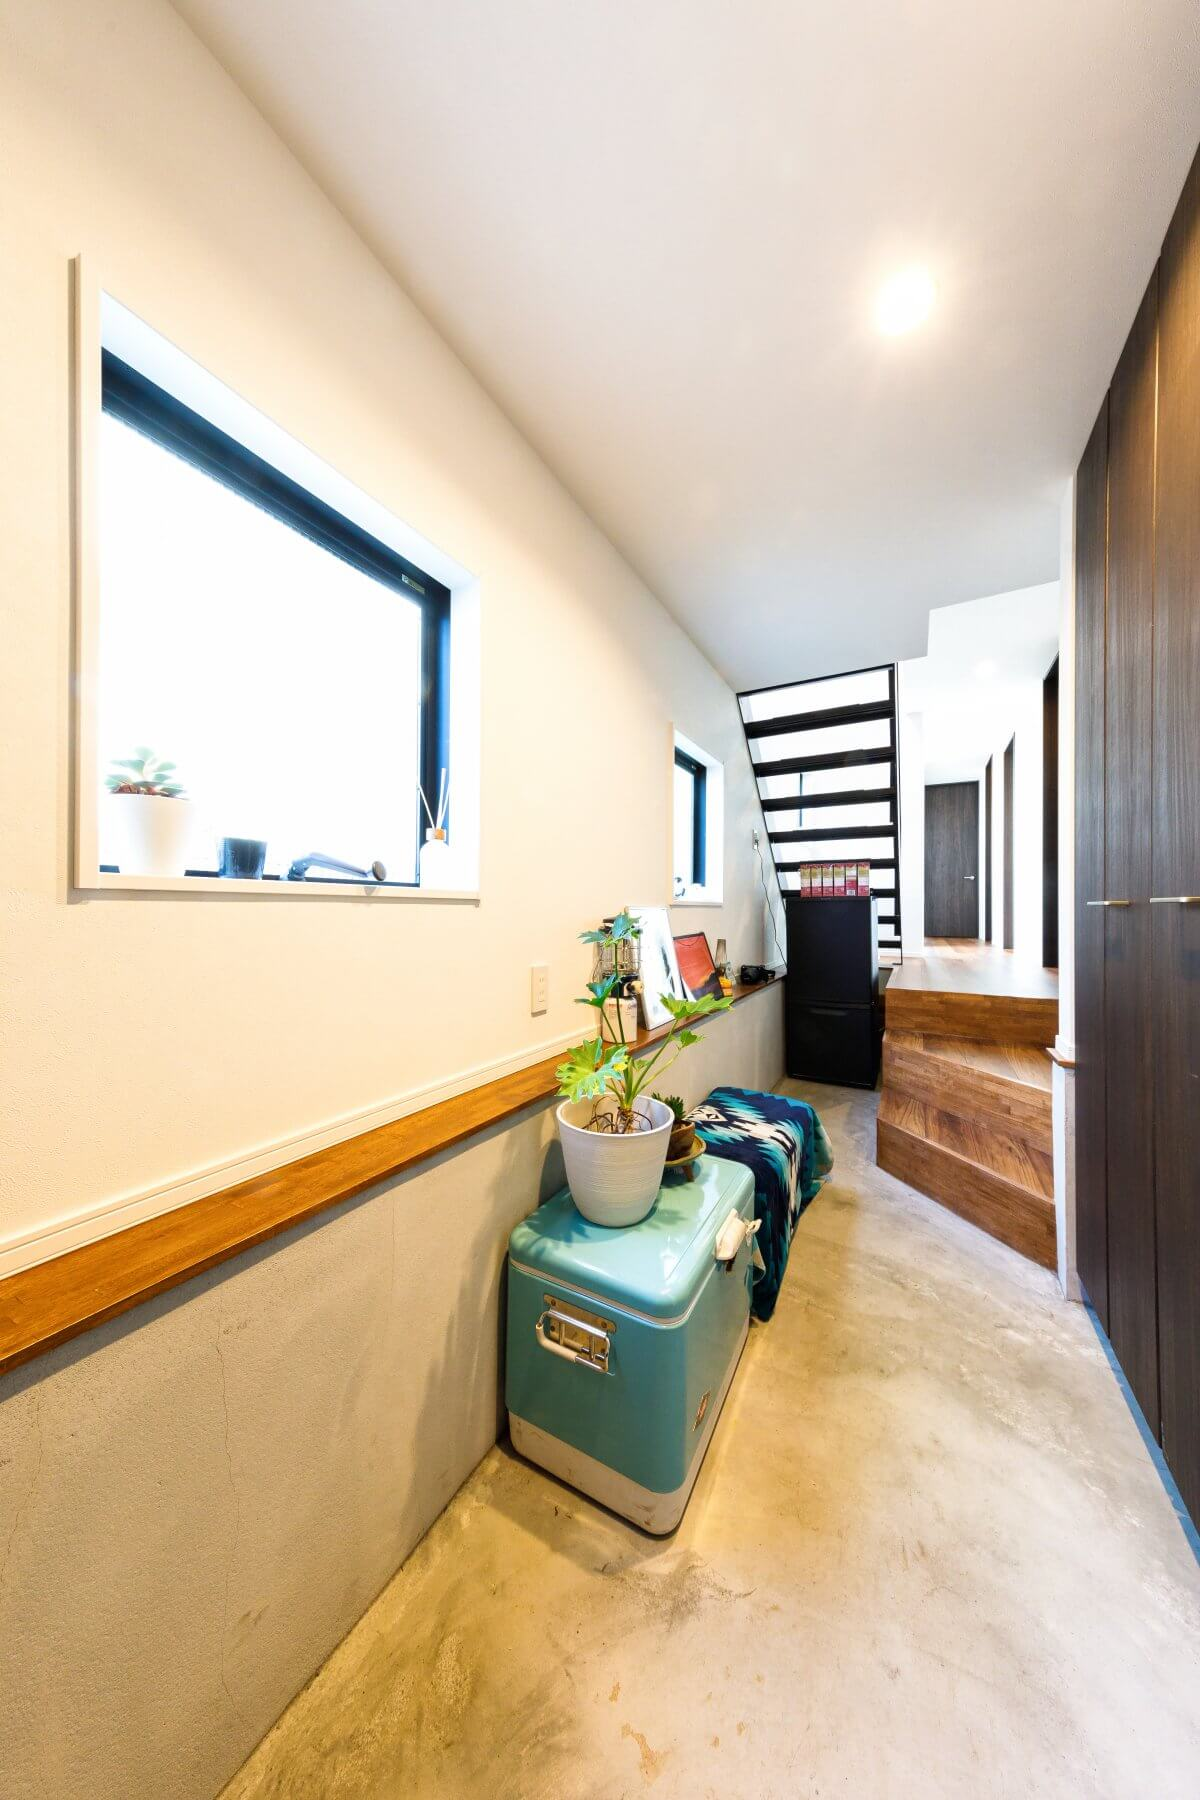 国分寺モデルハウスで見た、「通り土間」をイメージしたエントランス。玄関ドアを開けた瞬間から、印象的な空間が広がります。